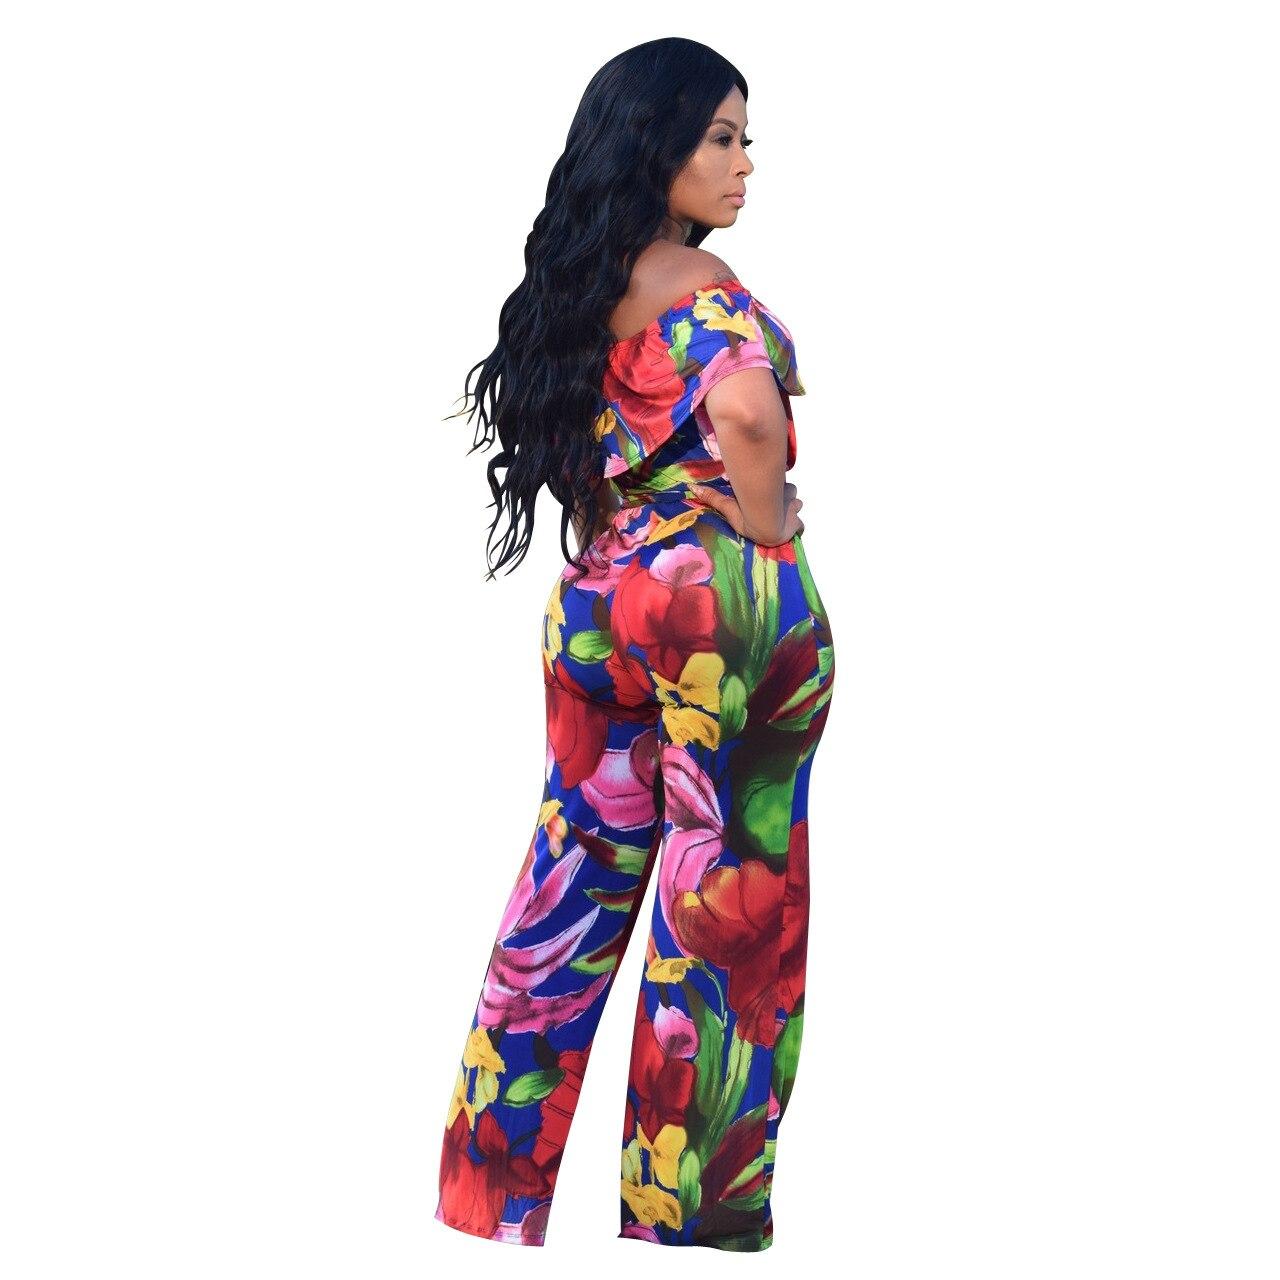 Aliexpress.com Acheter Sari Coton Sari Inde Femmes Robes Indiennes 2017  Vent Chaud De Mode Numérique Impression Large Jambe Pantalon Siamois Halter